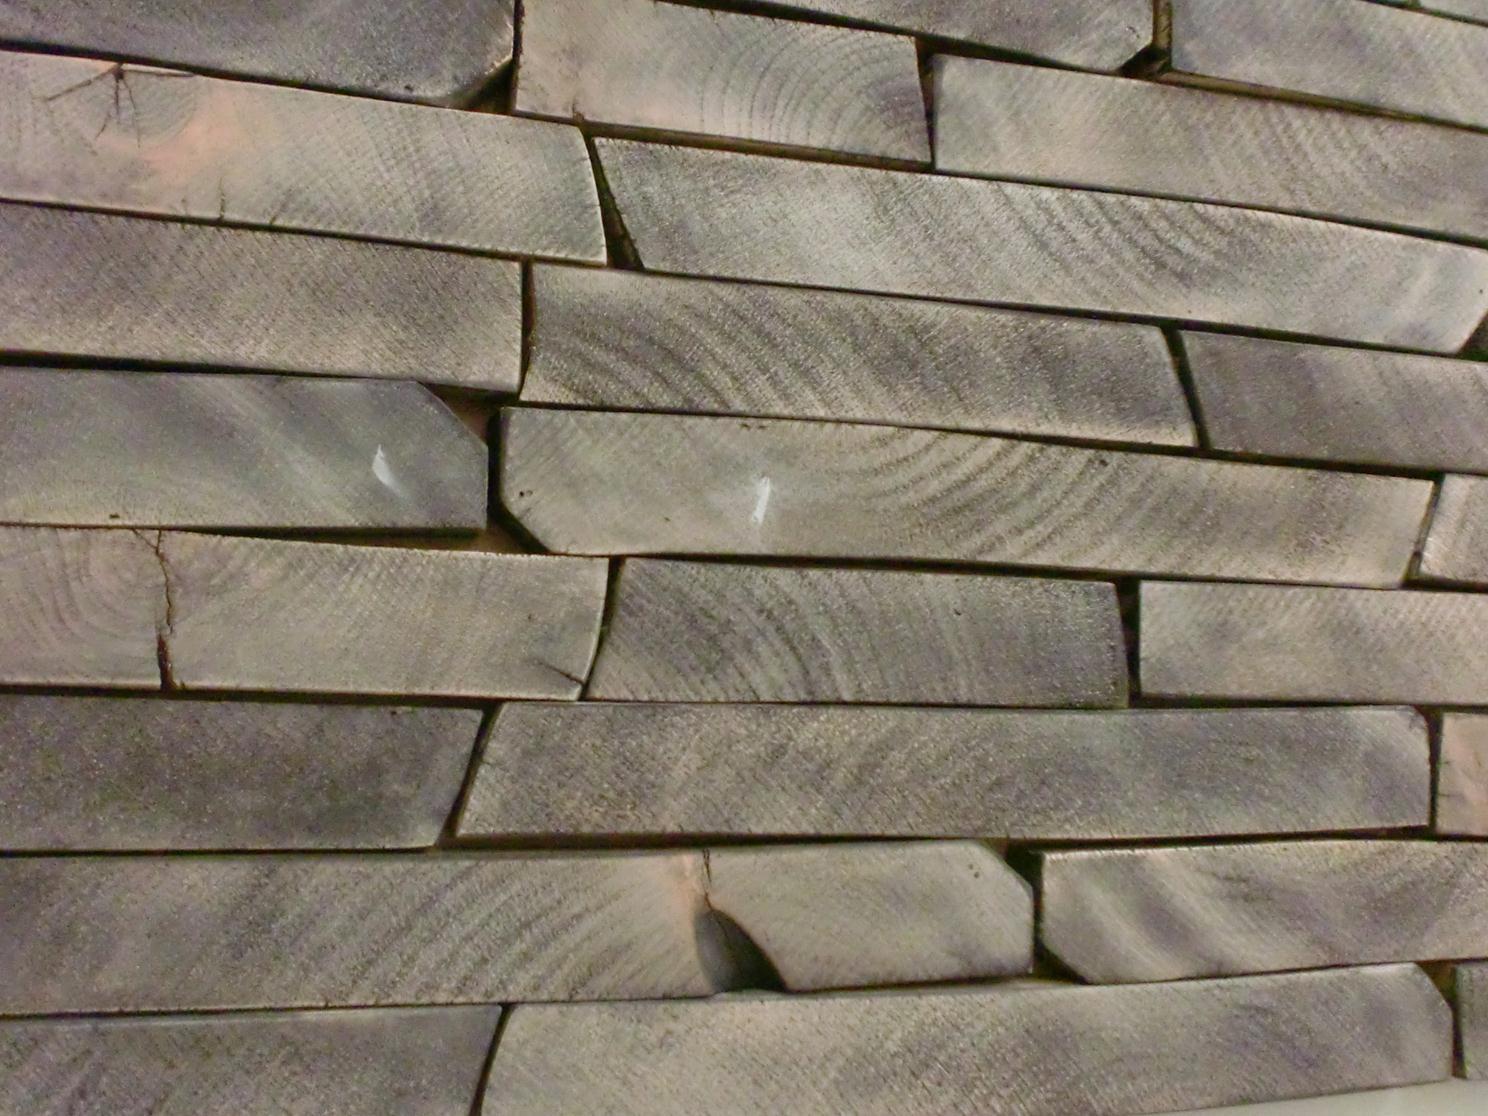 Pareti in legno grezzo e a parete legno l x p cm grezzo with pareti in legno grezzo fabulous - Rivestire parete con legno ...